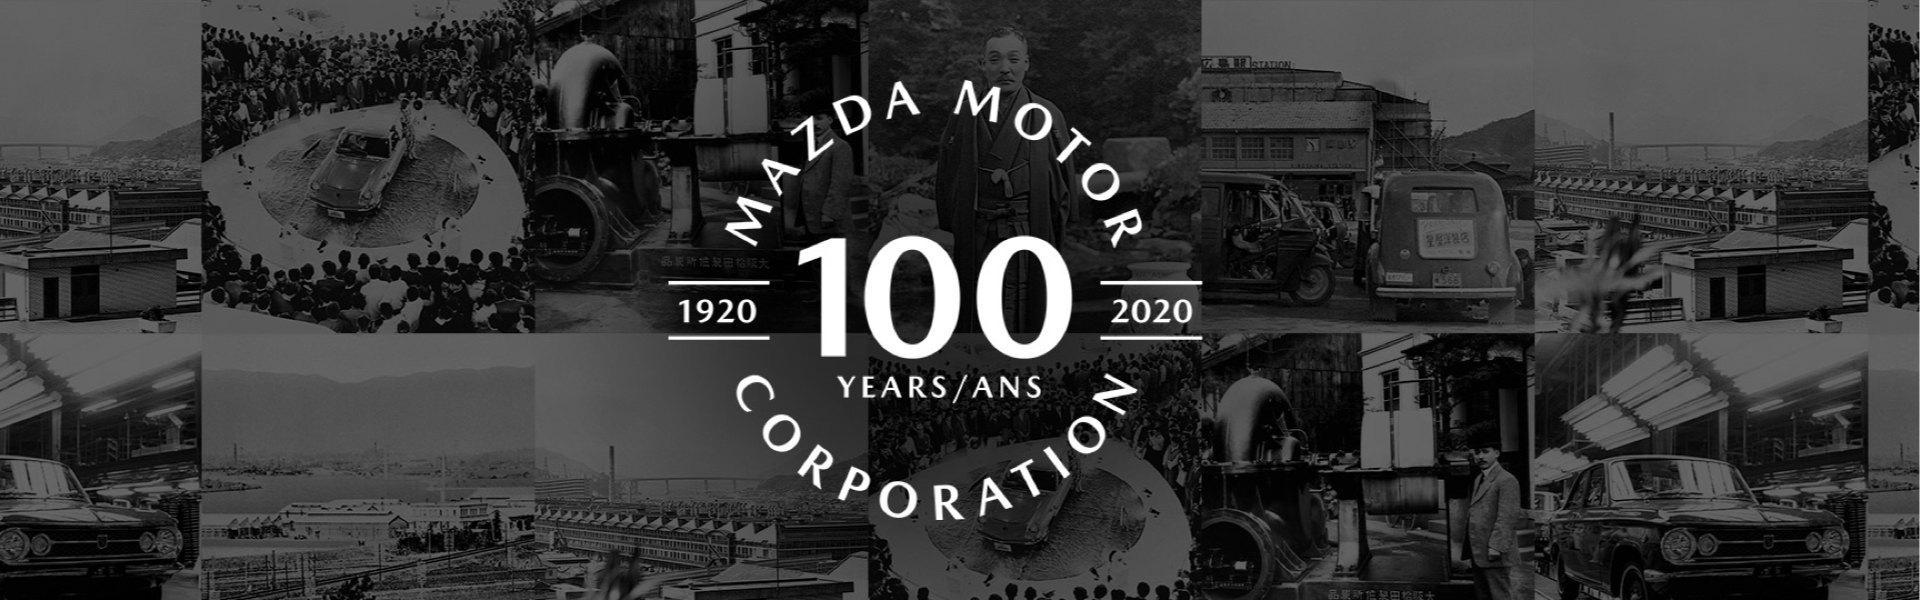 Mazda 100 Year Anniversary